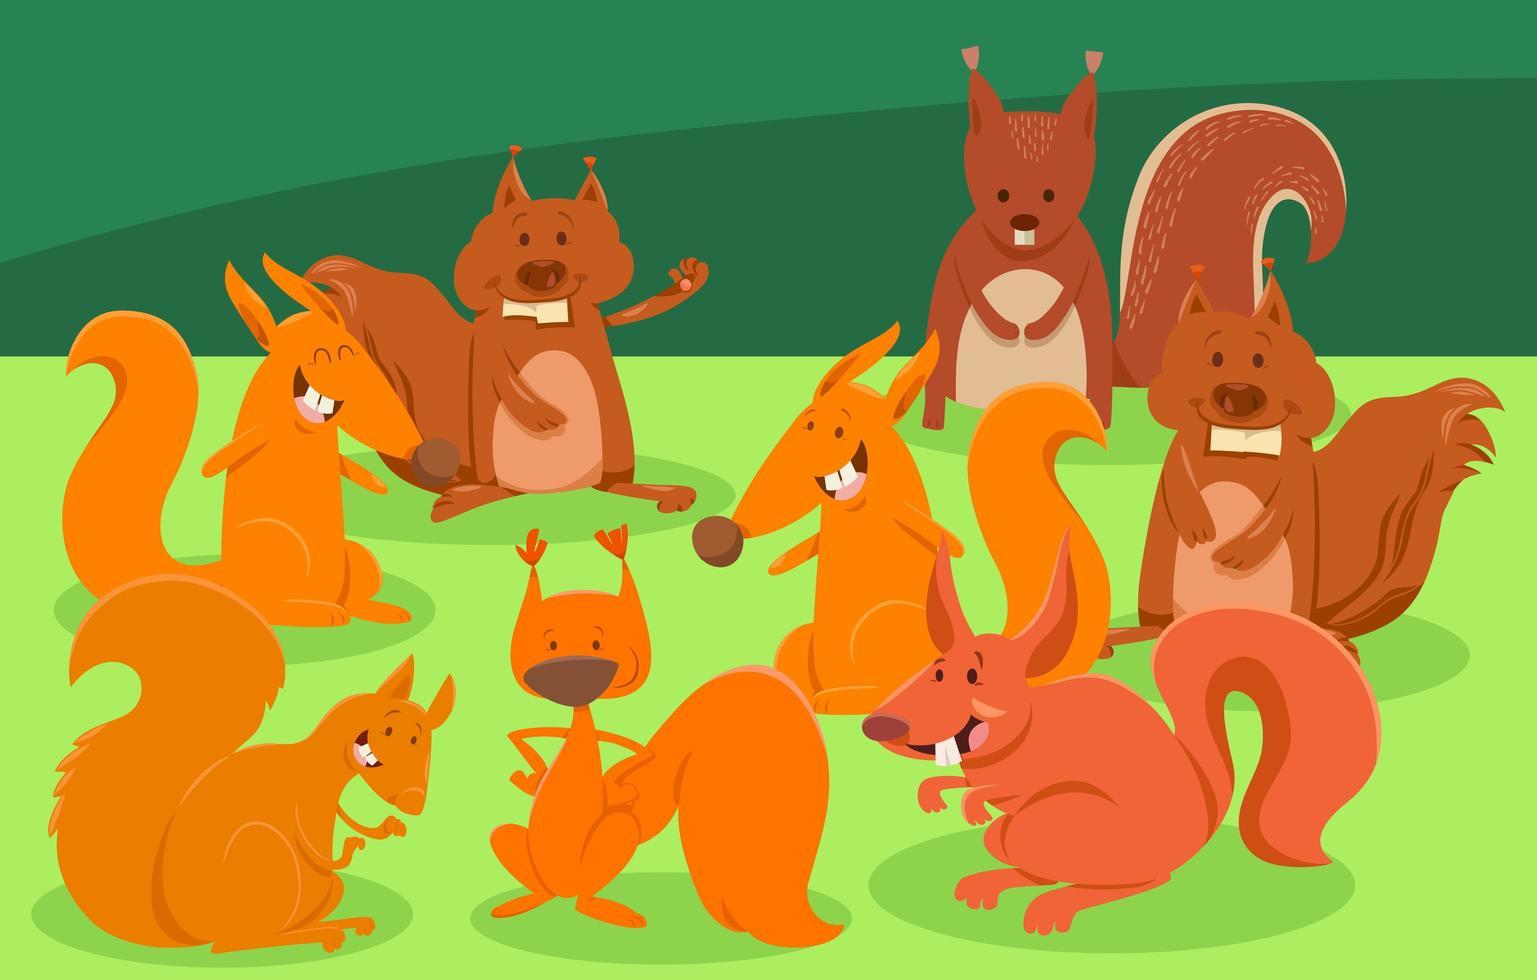 groupe de personnages animaux écureuils de dessin animé vecteur